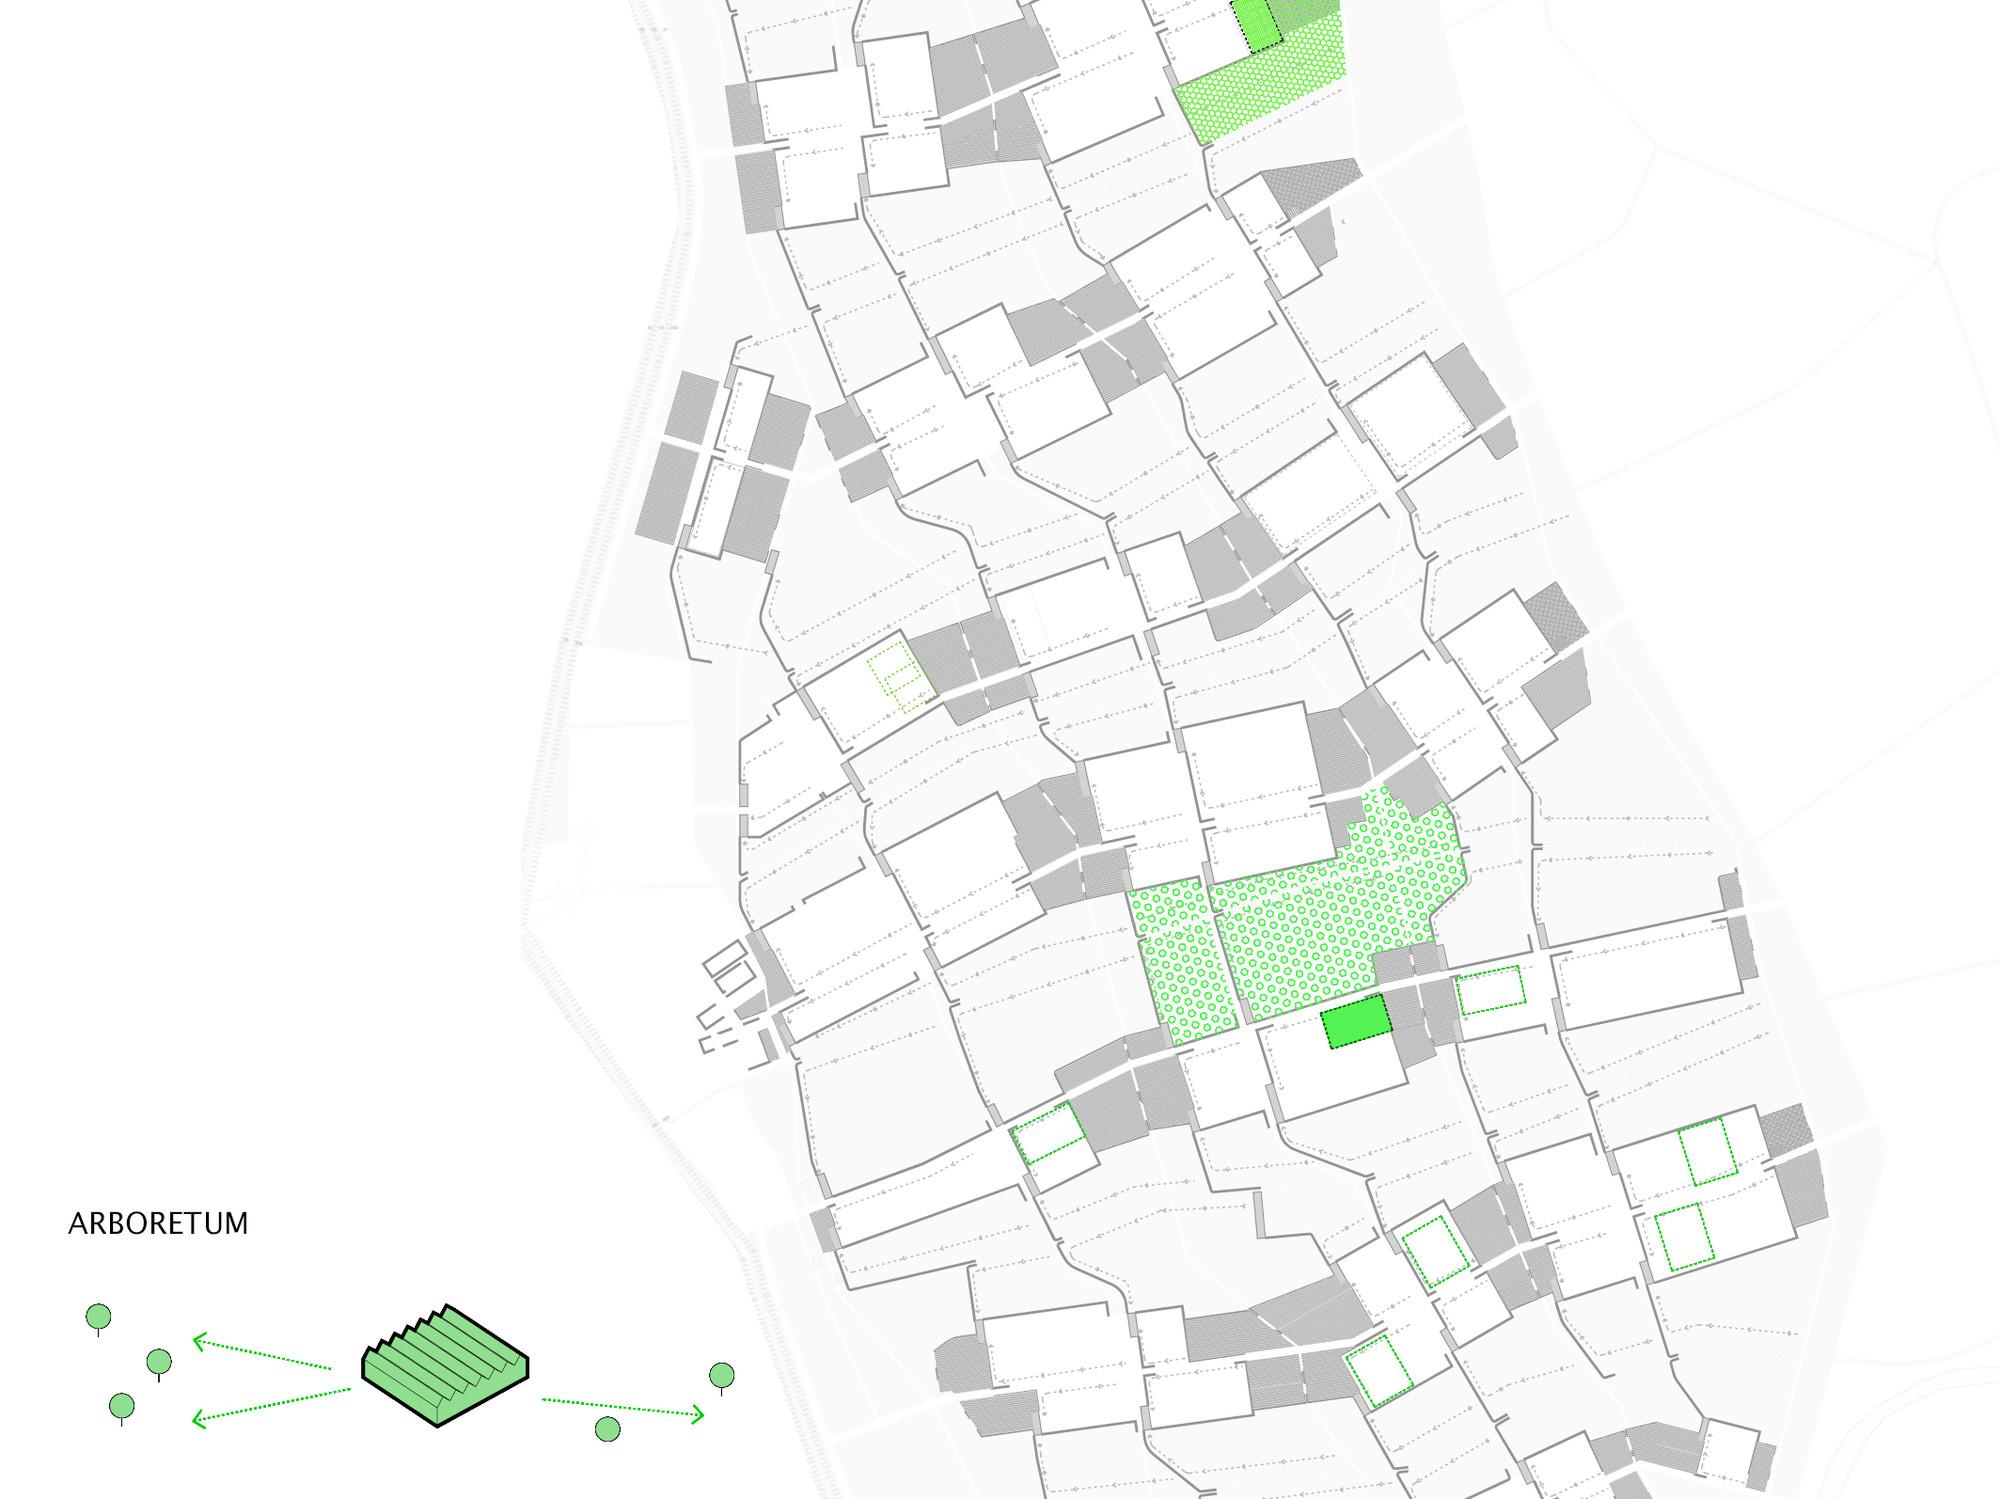 Detalle del plan: invernaderos para restauración ecológica. Image Cortesia de DAT Pangea